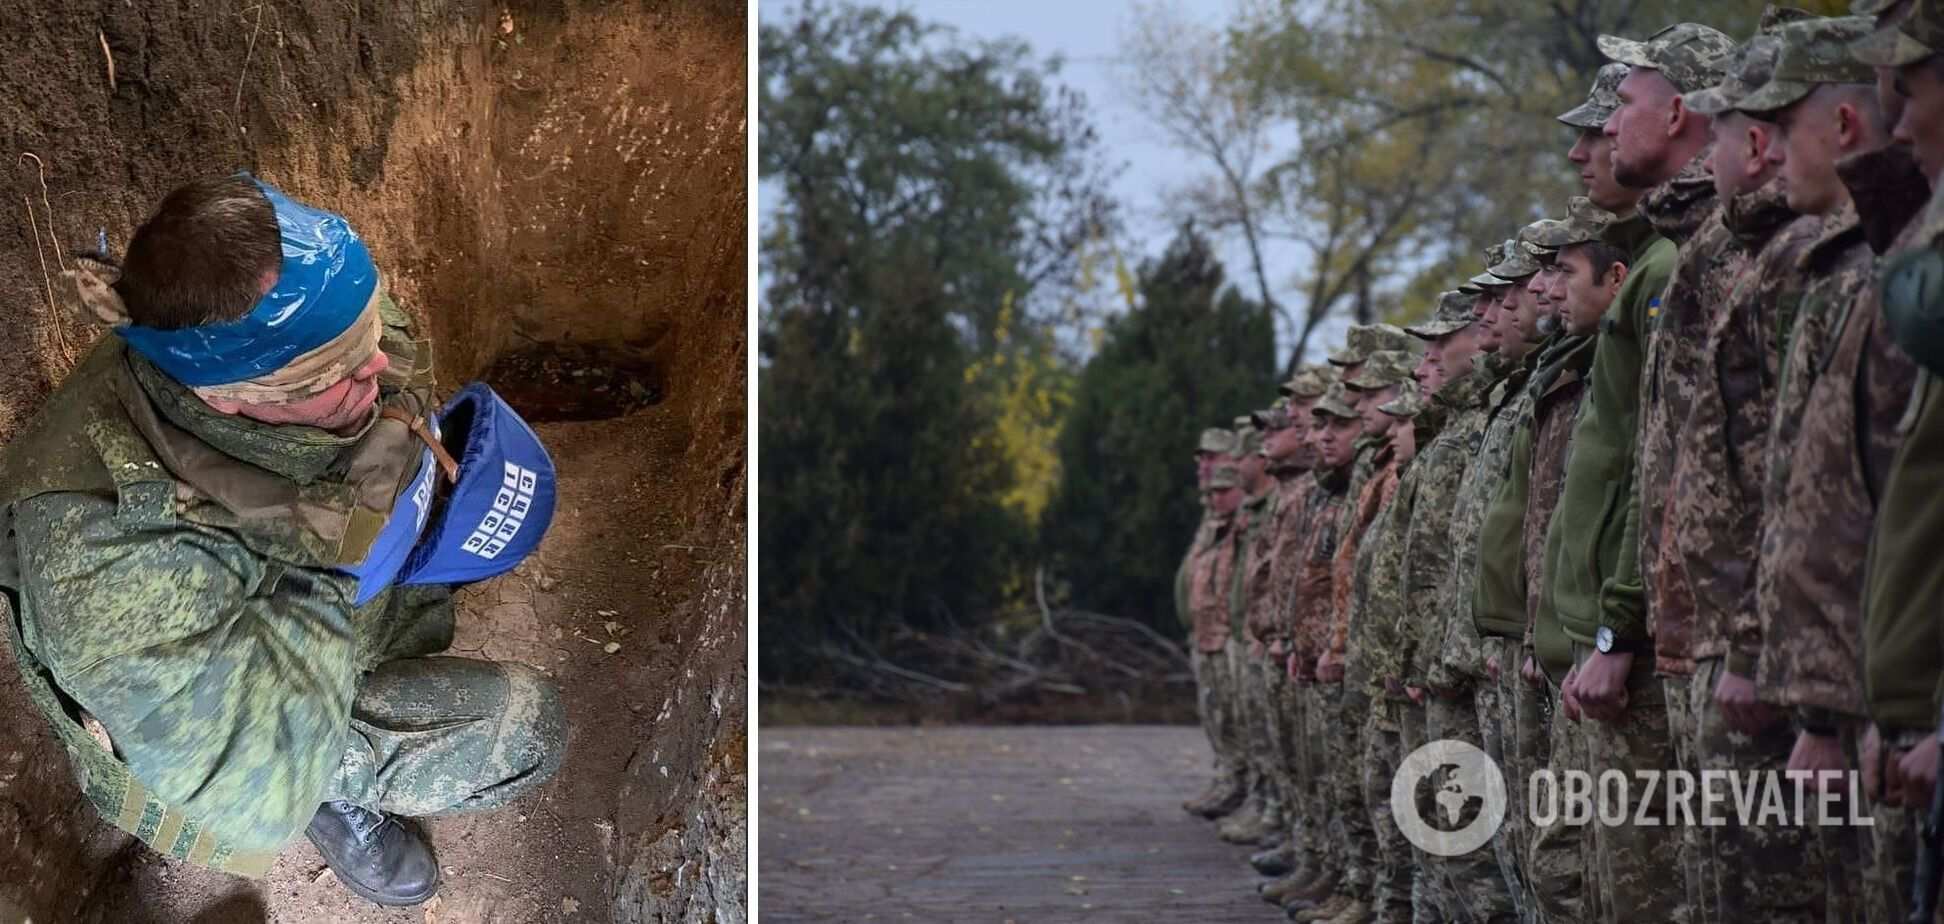 Затримання російського полковника: Косяк переплутав військову хитрість з тупістю